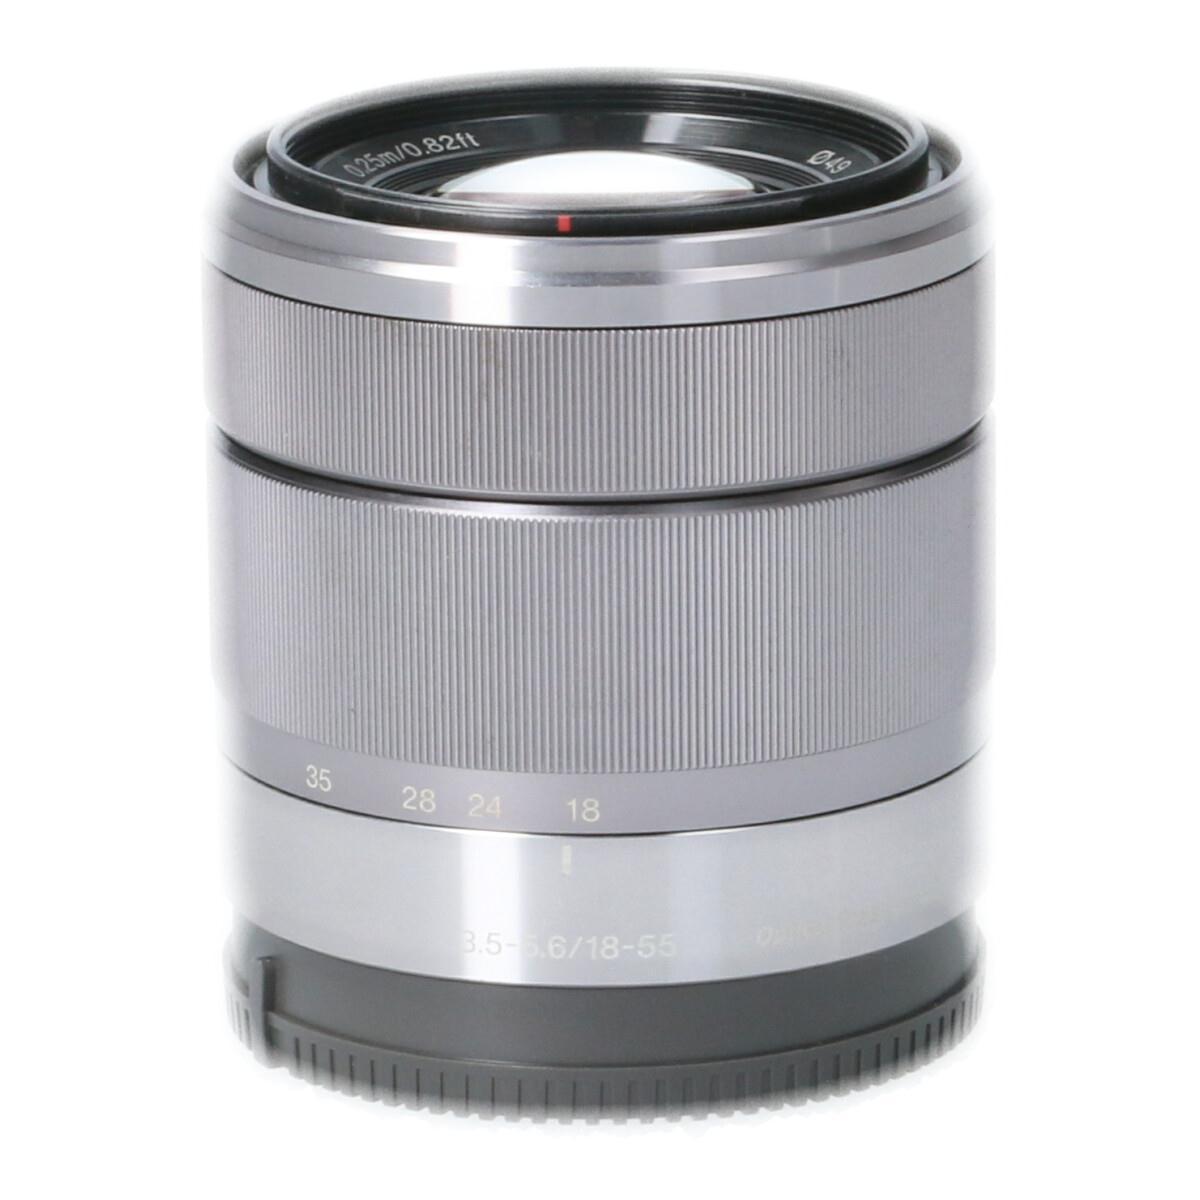 SONY E18-55mm F3.5-5.6OSS(SEL1855【中古】